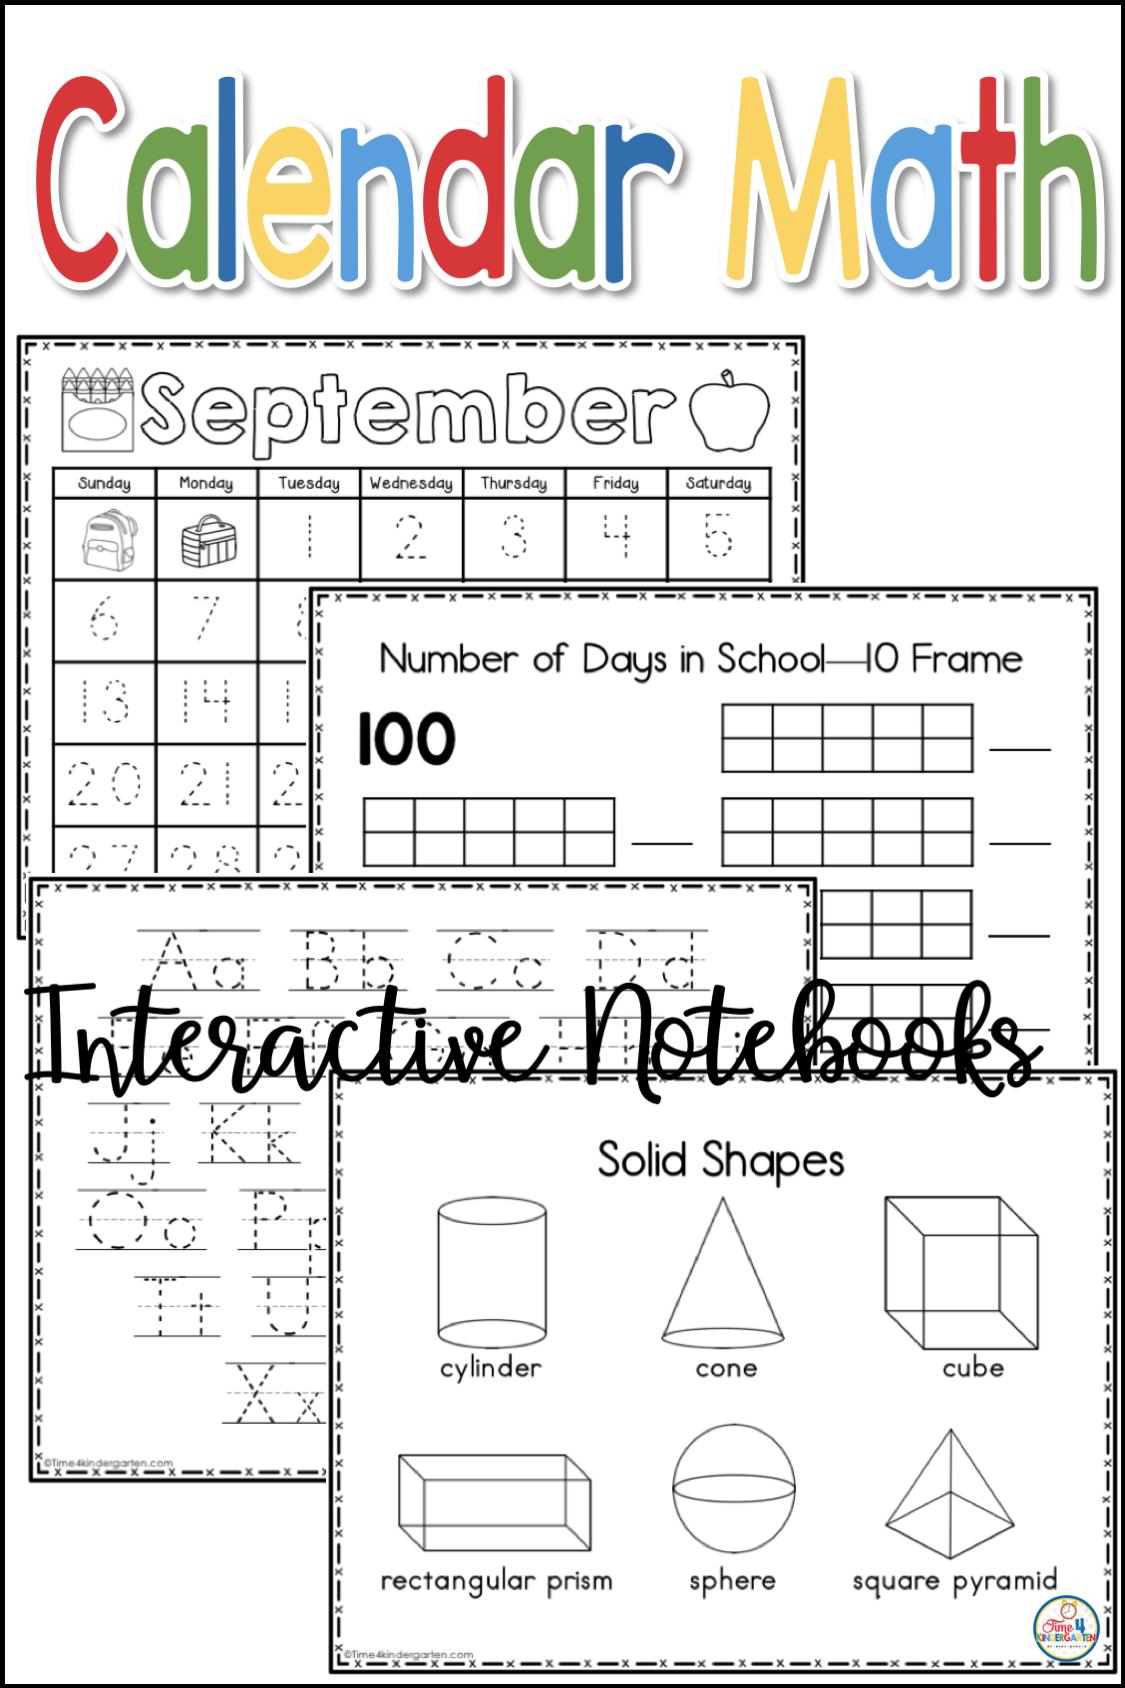 Interactive Calendar Notebooks For Kindergarten And First